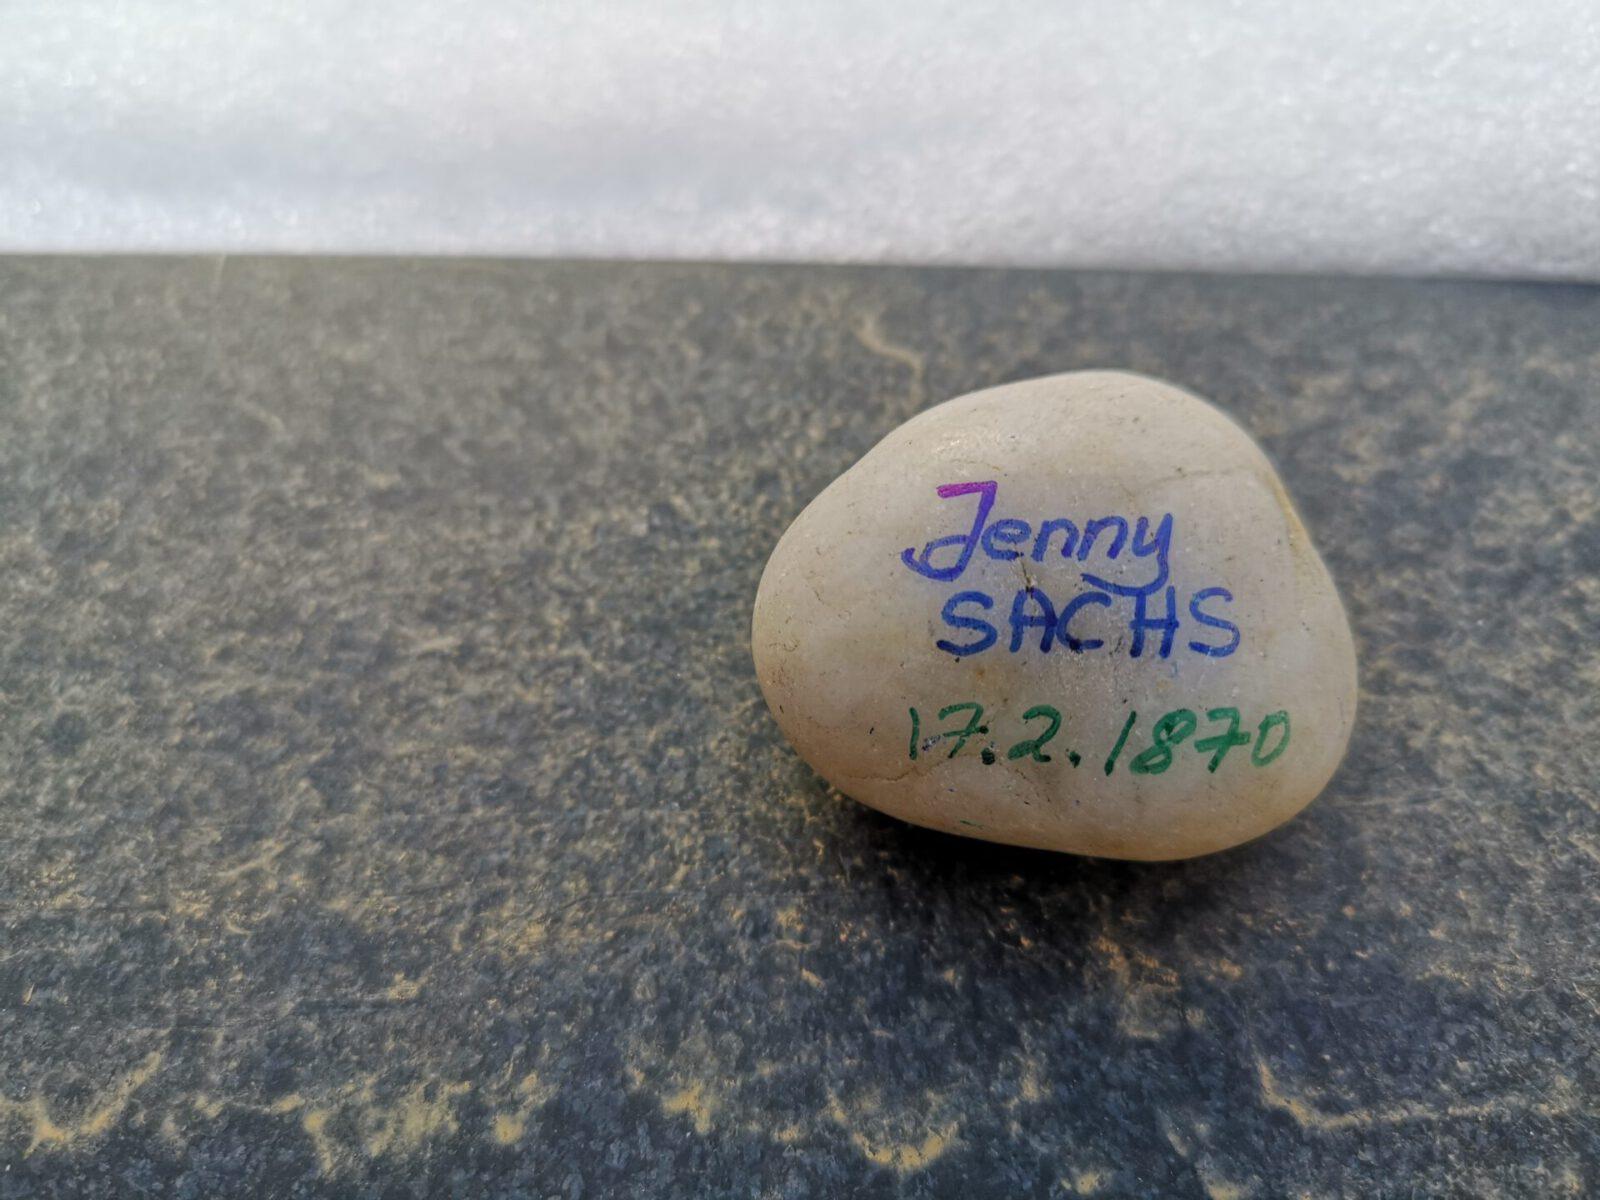 Jenny Sachs, Gedenkstein Februar 2021